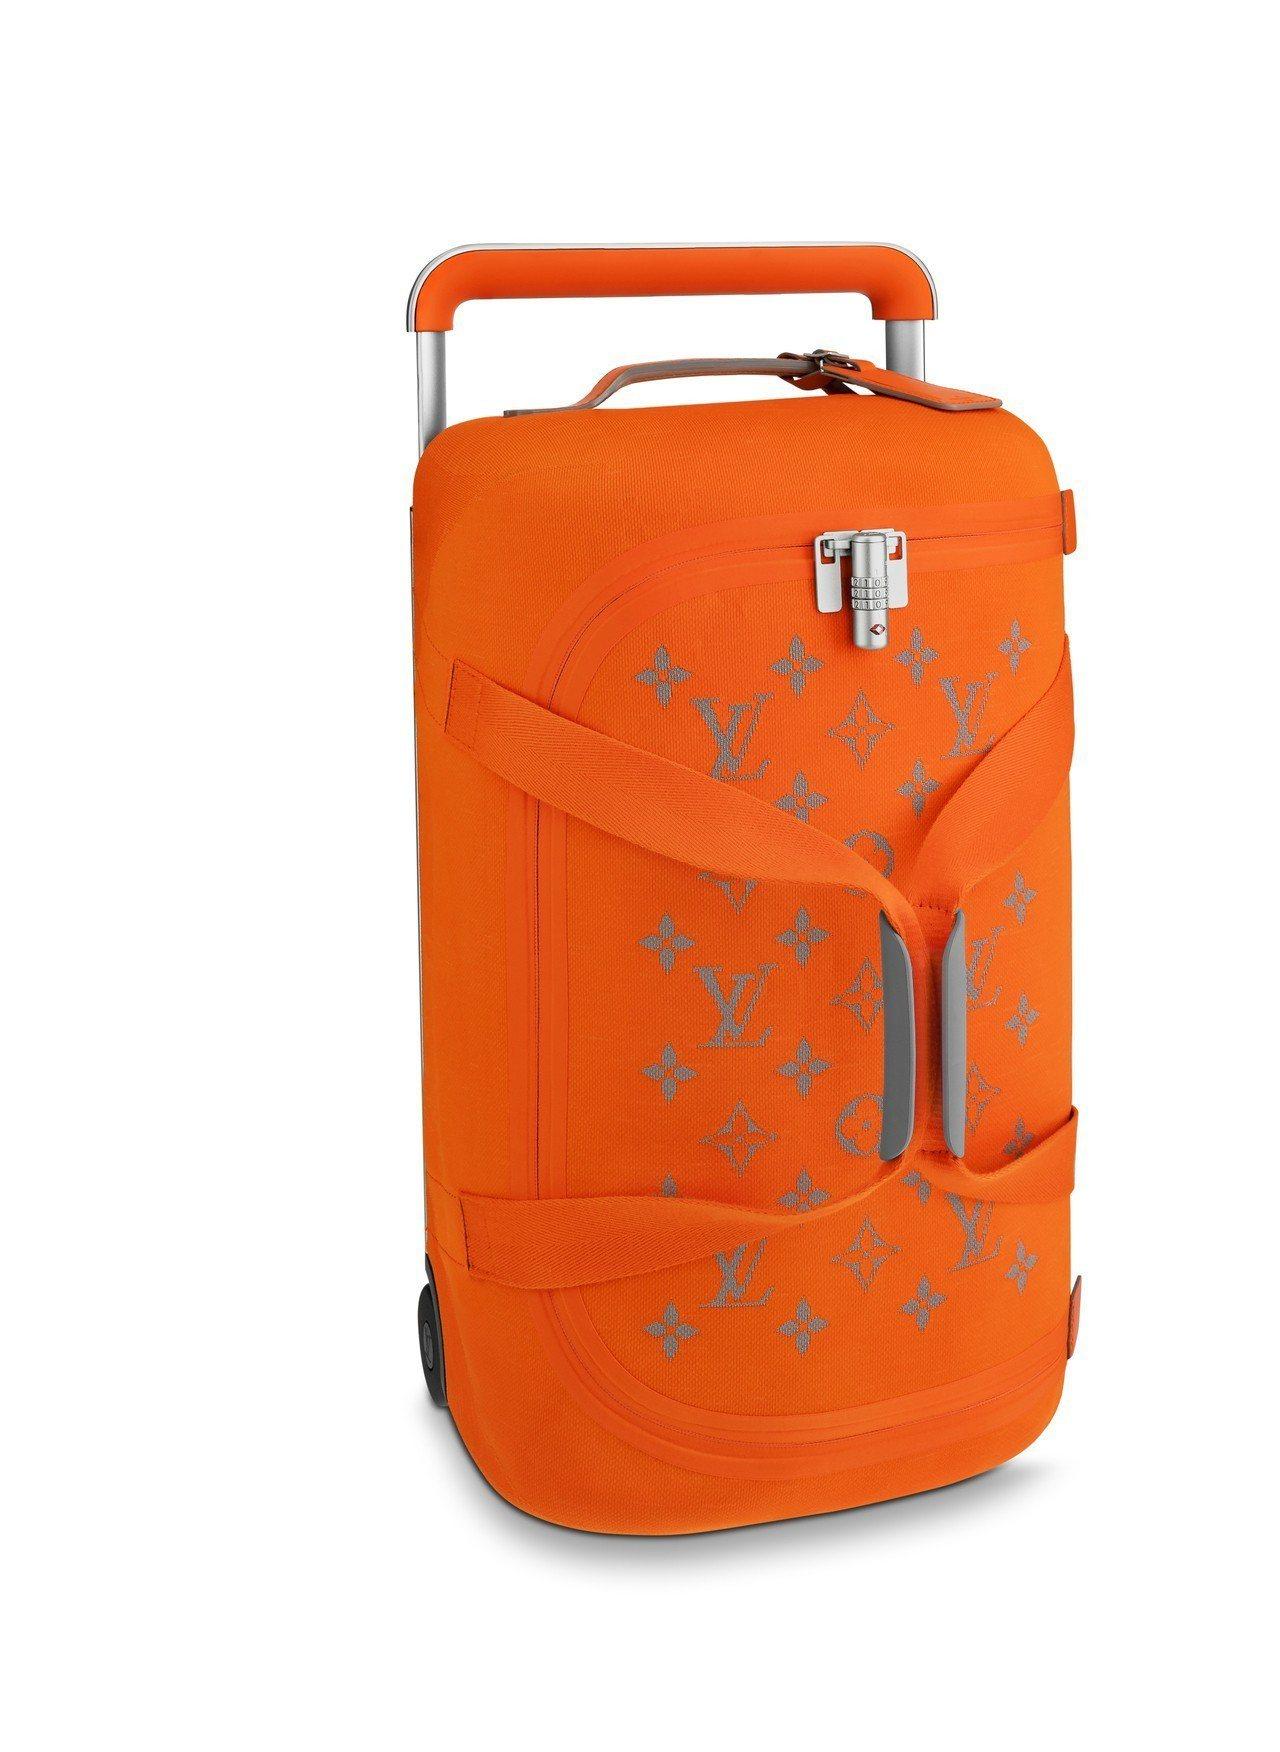 圓筒行李袋,售價94,000元。圖/LV提供